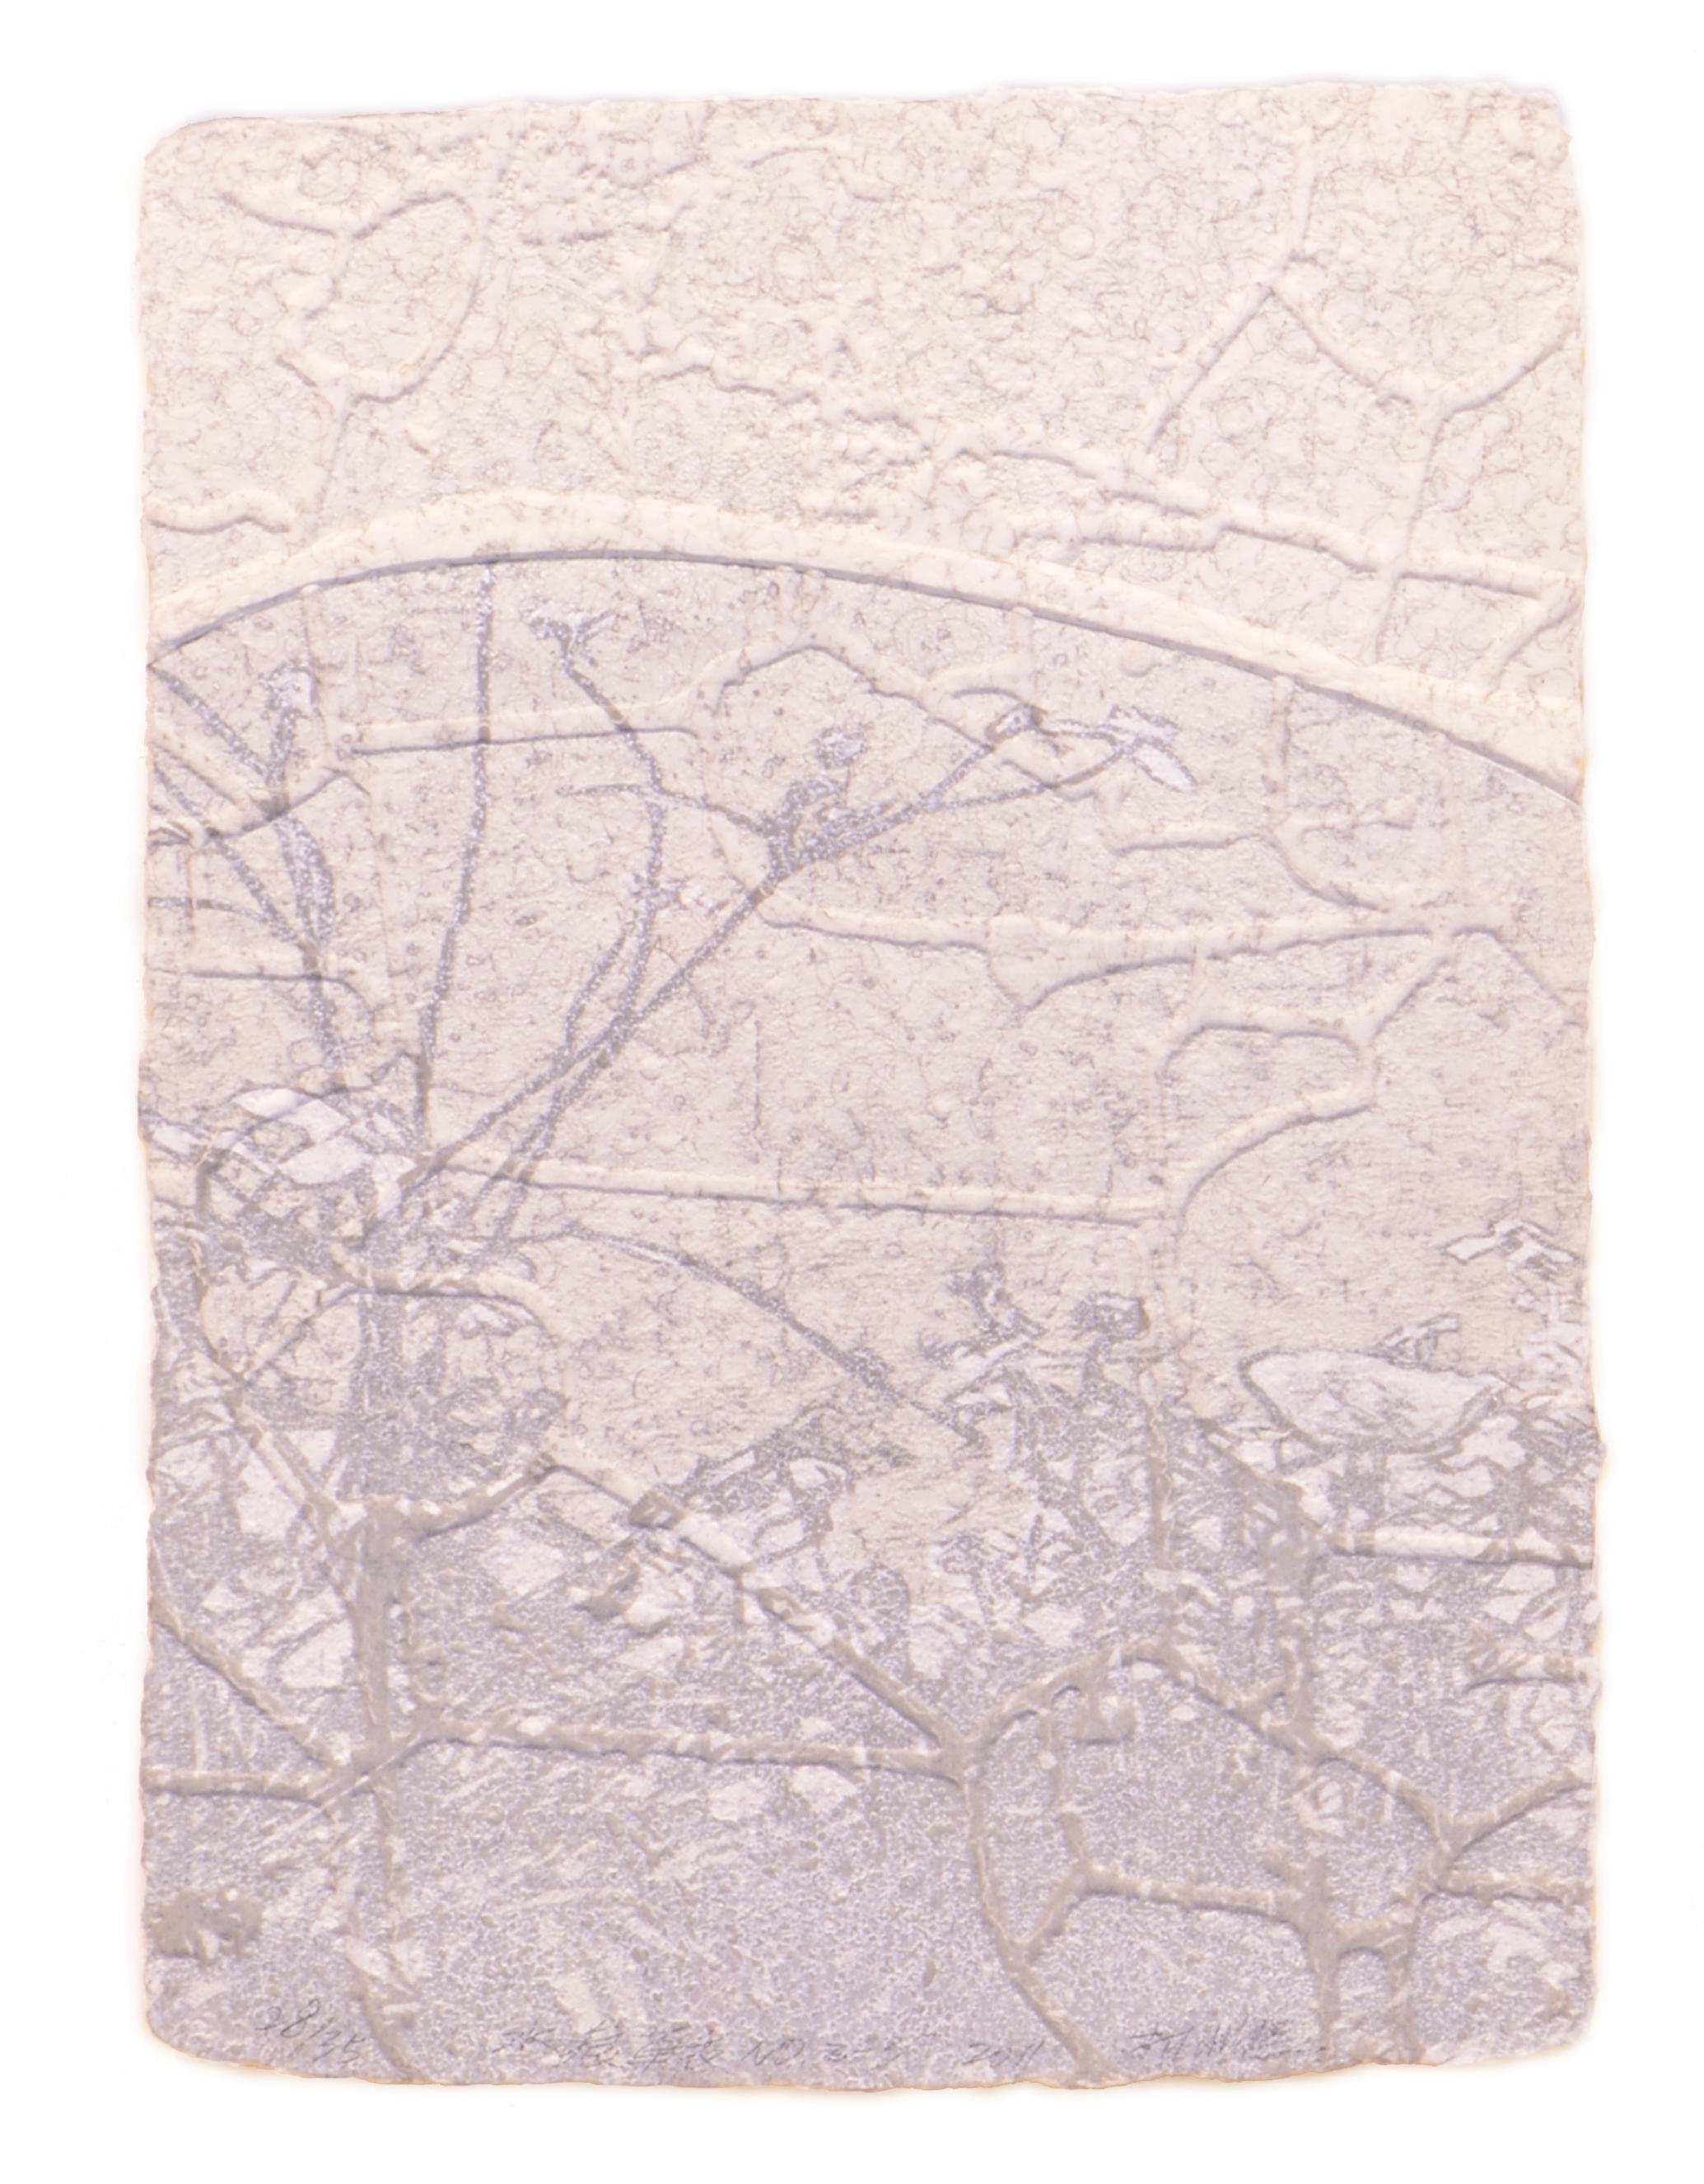 《水痕草衣No.2-3》,絹版、凹版,25×18cm,2011